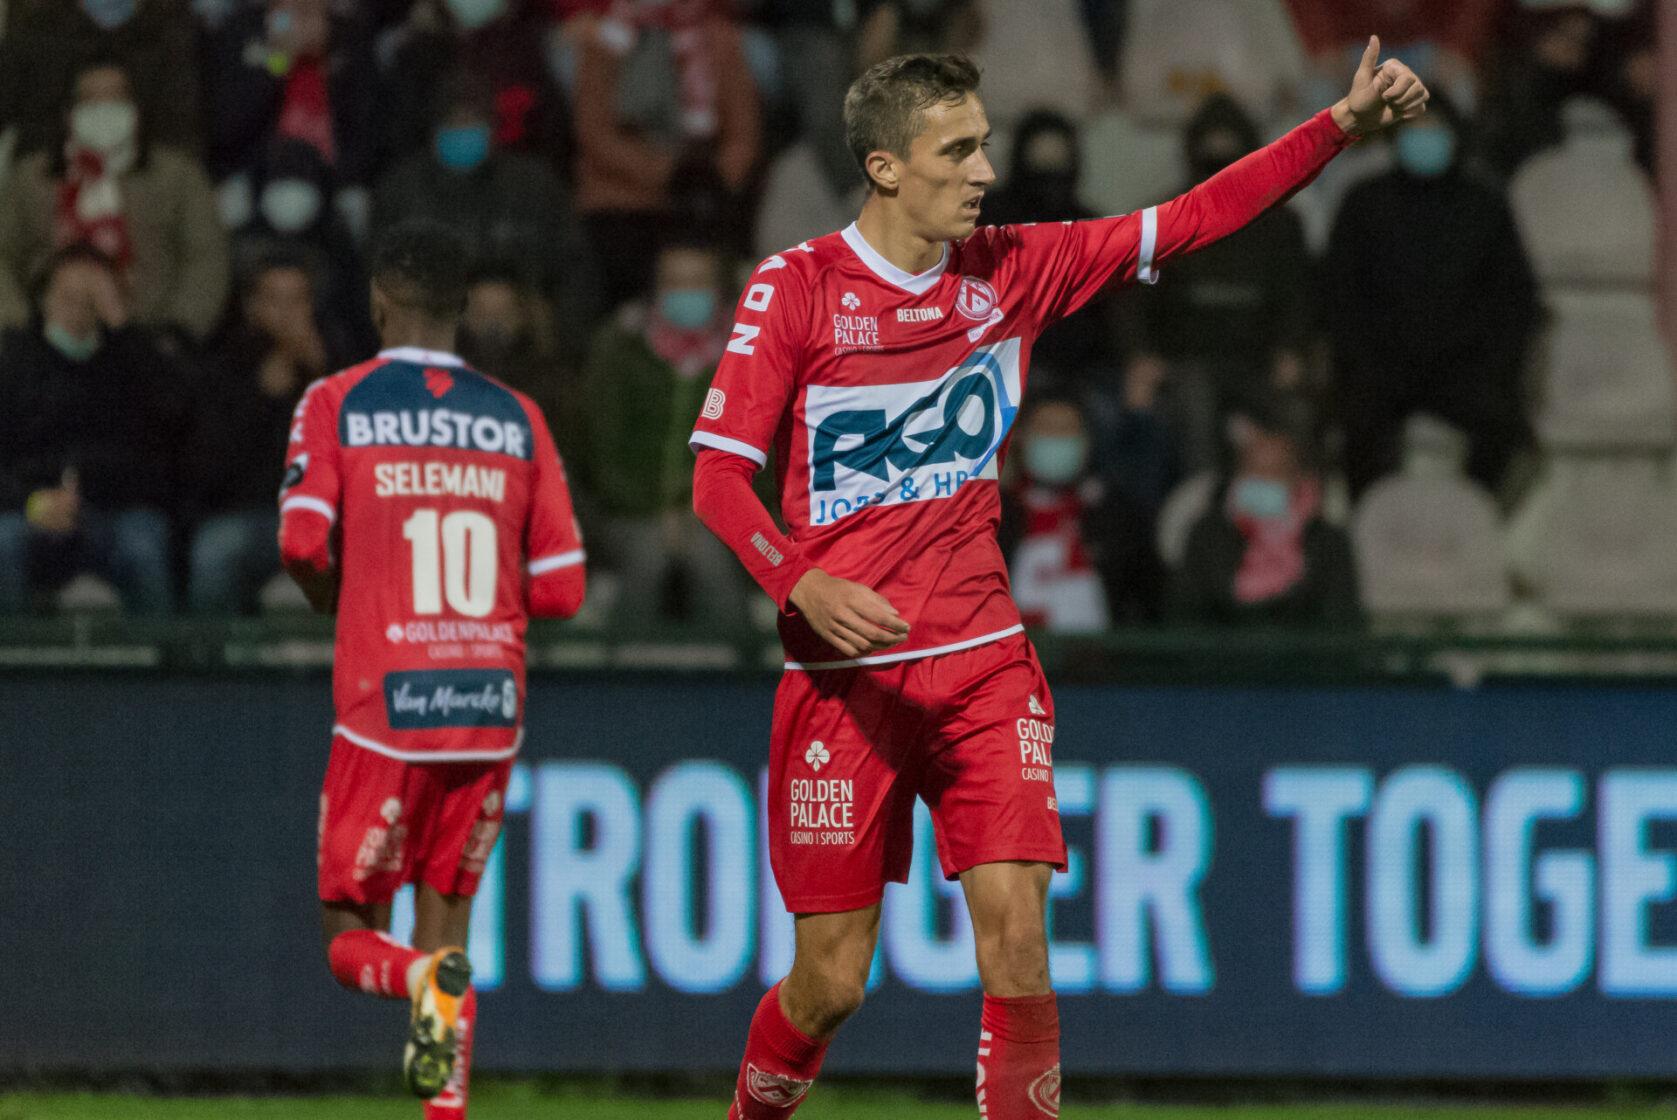 Selectie KV Kortrijk – RSC Anderlecht – KV Kortrijk